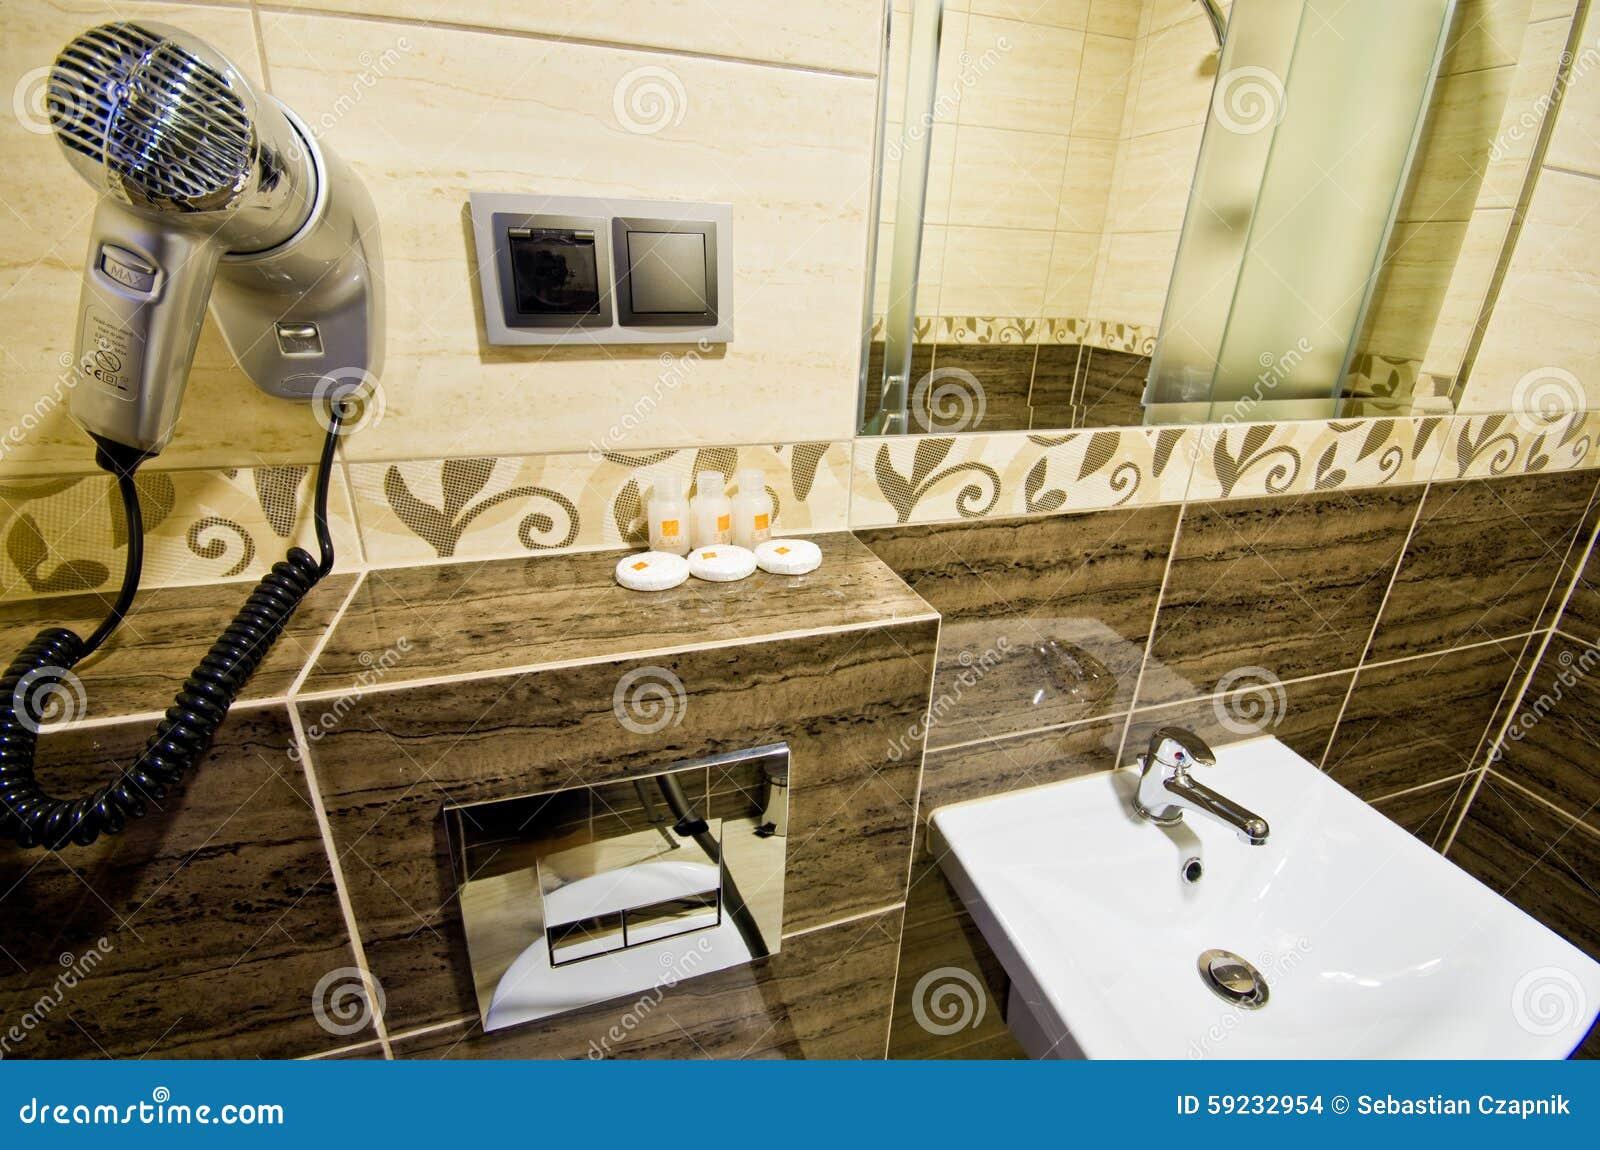 Modernes Braunes Badezimmer Stockfoto - Bild: 59232954 Braunes Badezimmer